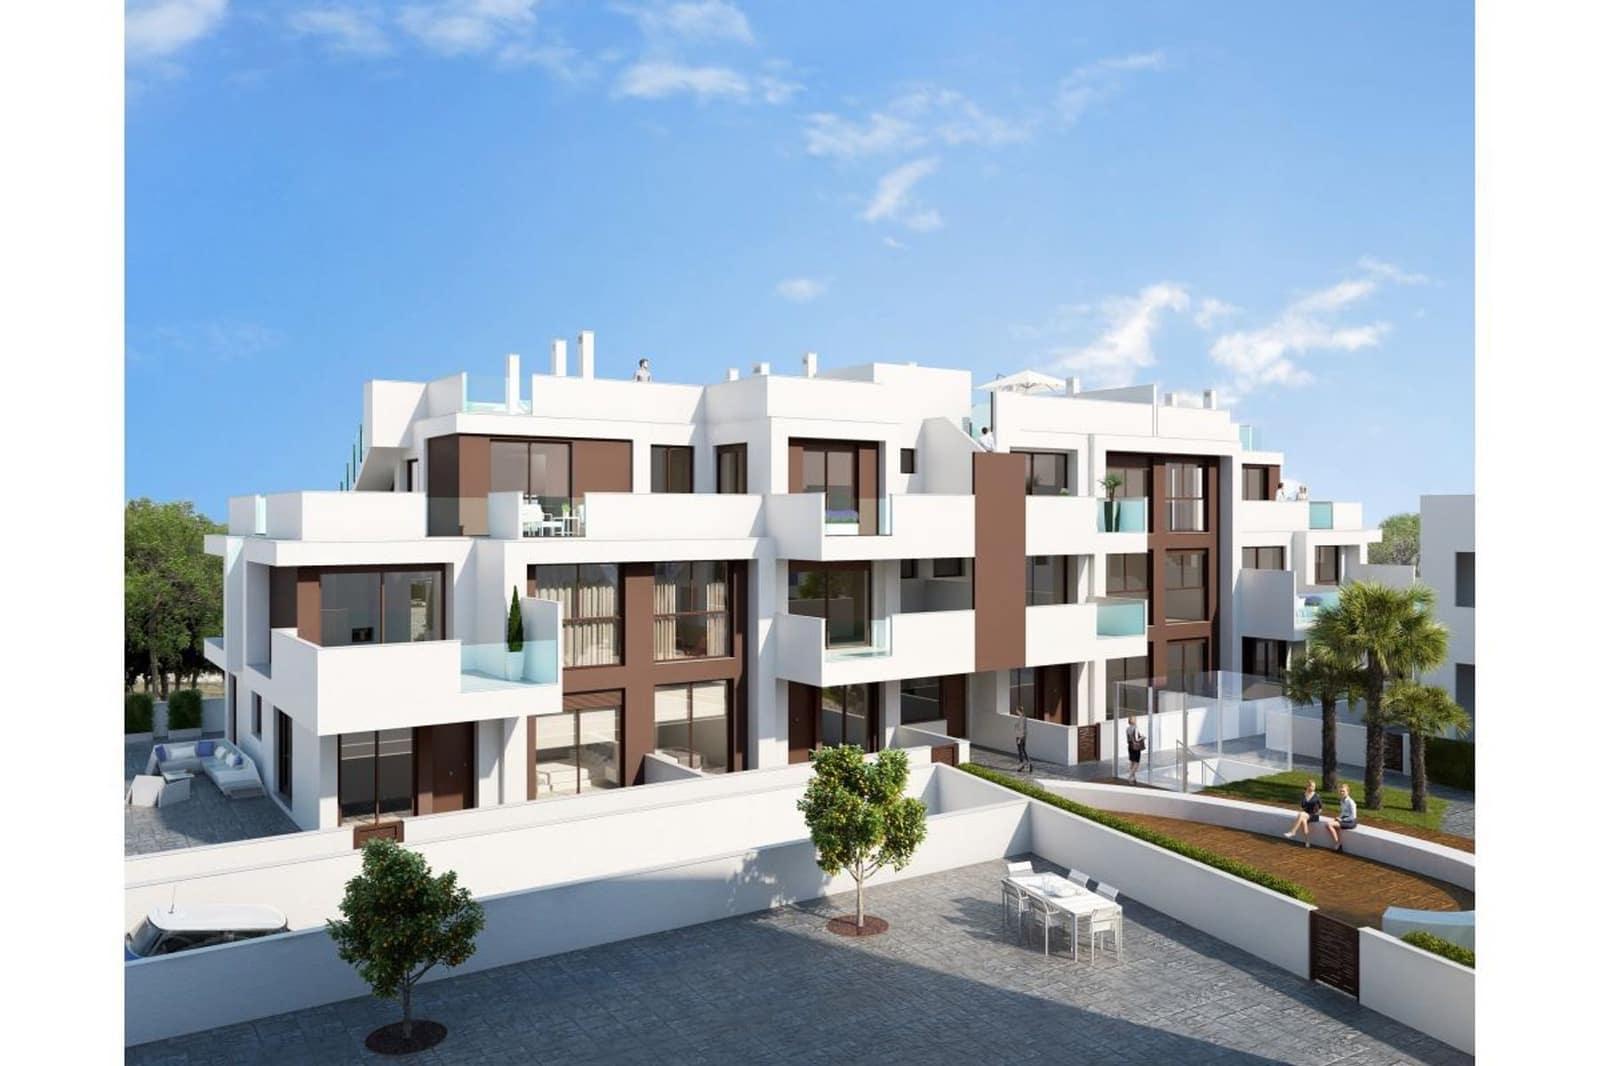 Apartamento de 3 habitaciones en Pilar de la Horadada en venta con piscina - 319.900 € (Ref: 5014264)